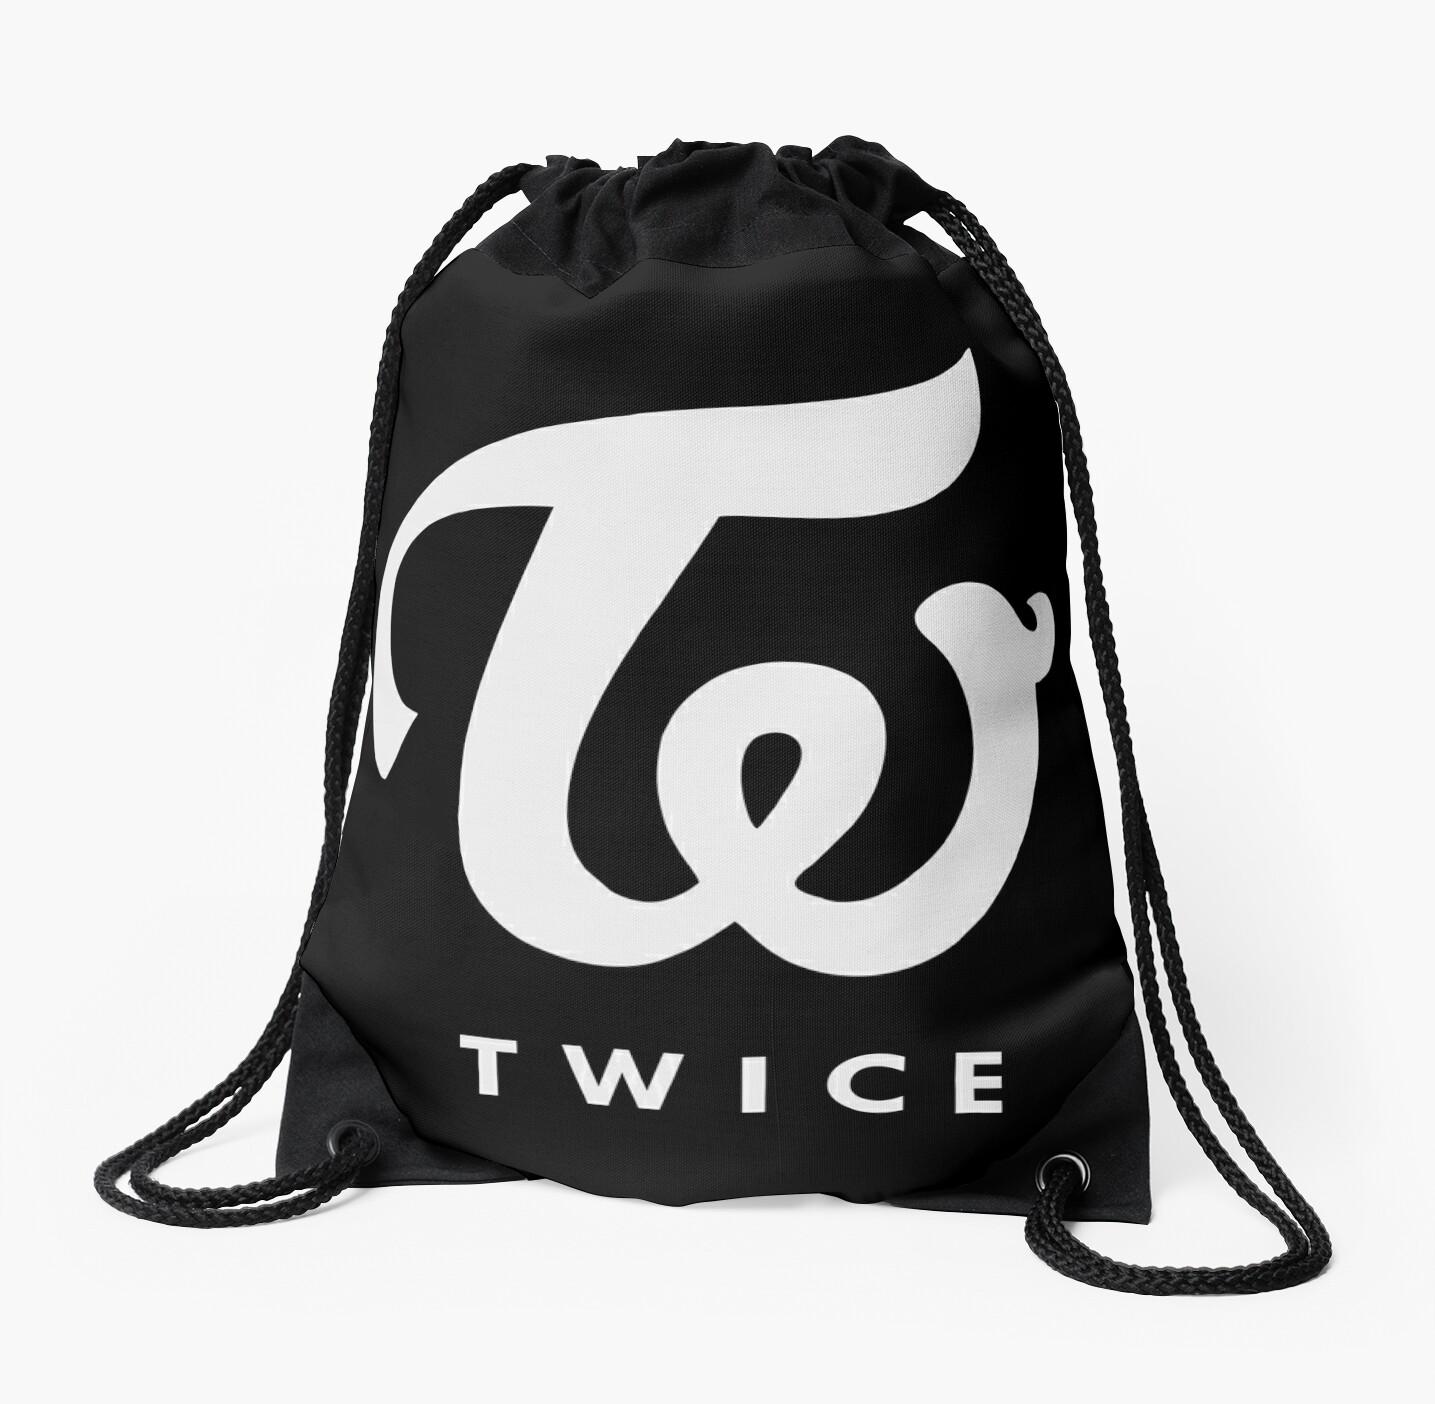 twice silver logo